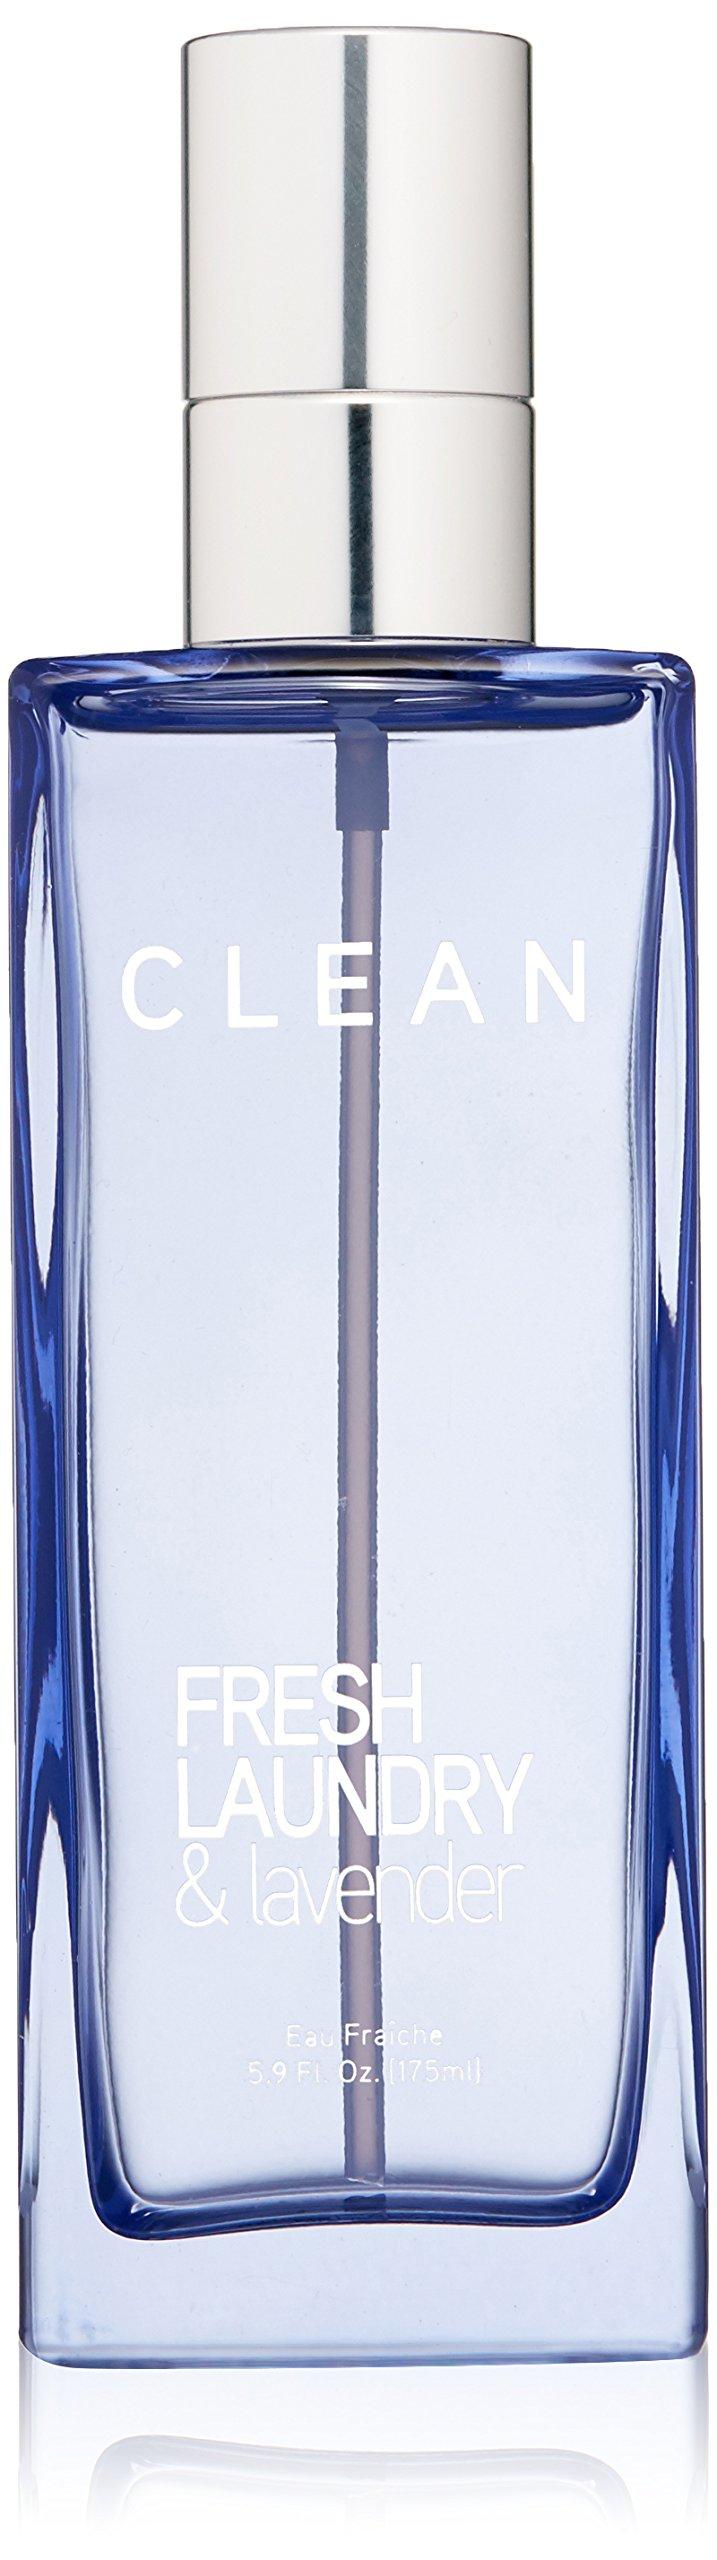 CLEAN Eau Fraiche Body Spray, Fresh Laundry/Lavender, 5.9 oz.